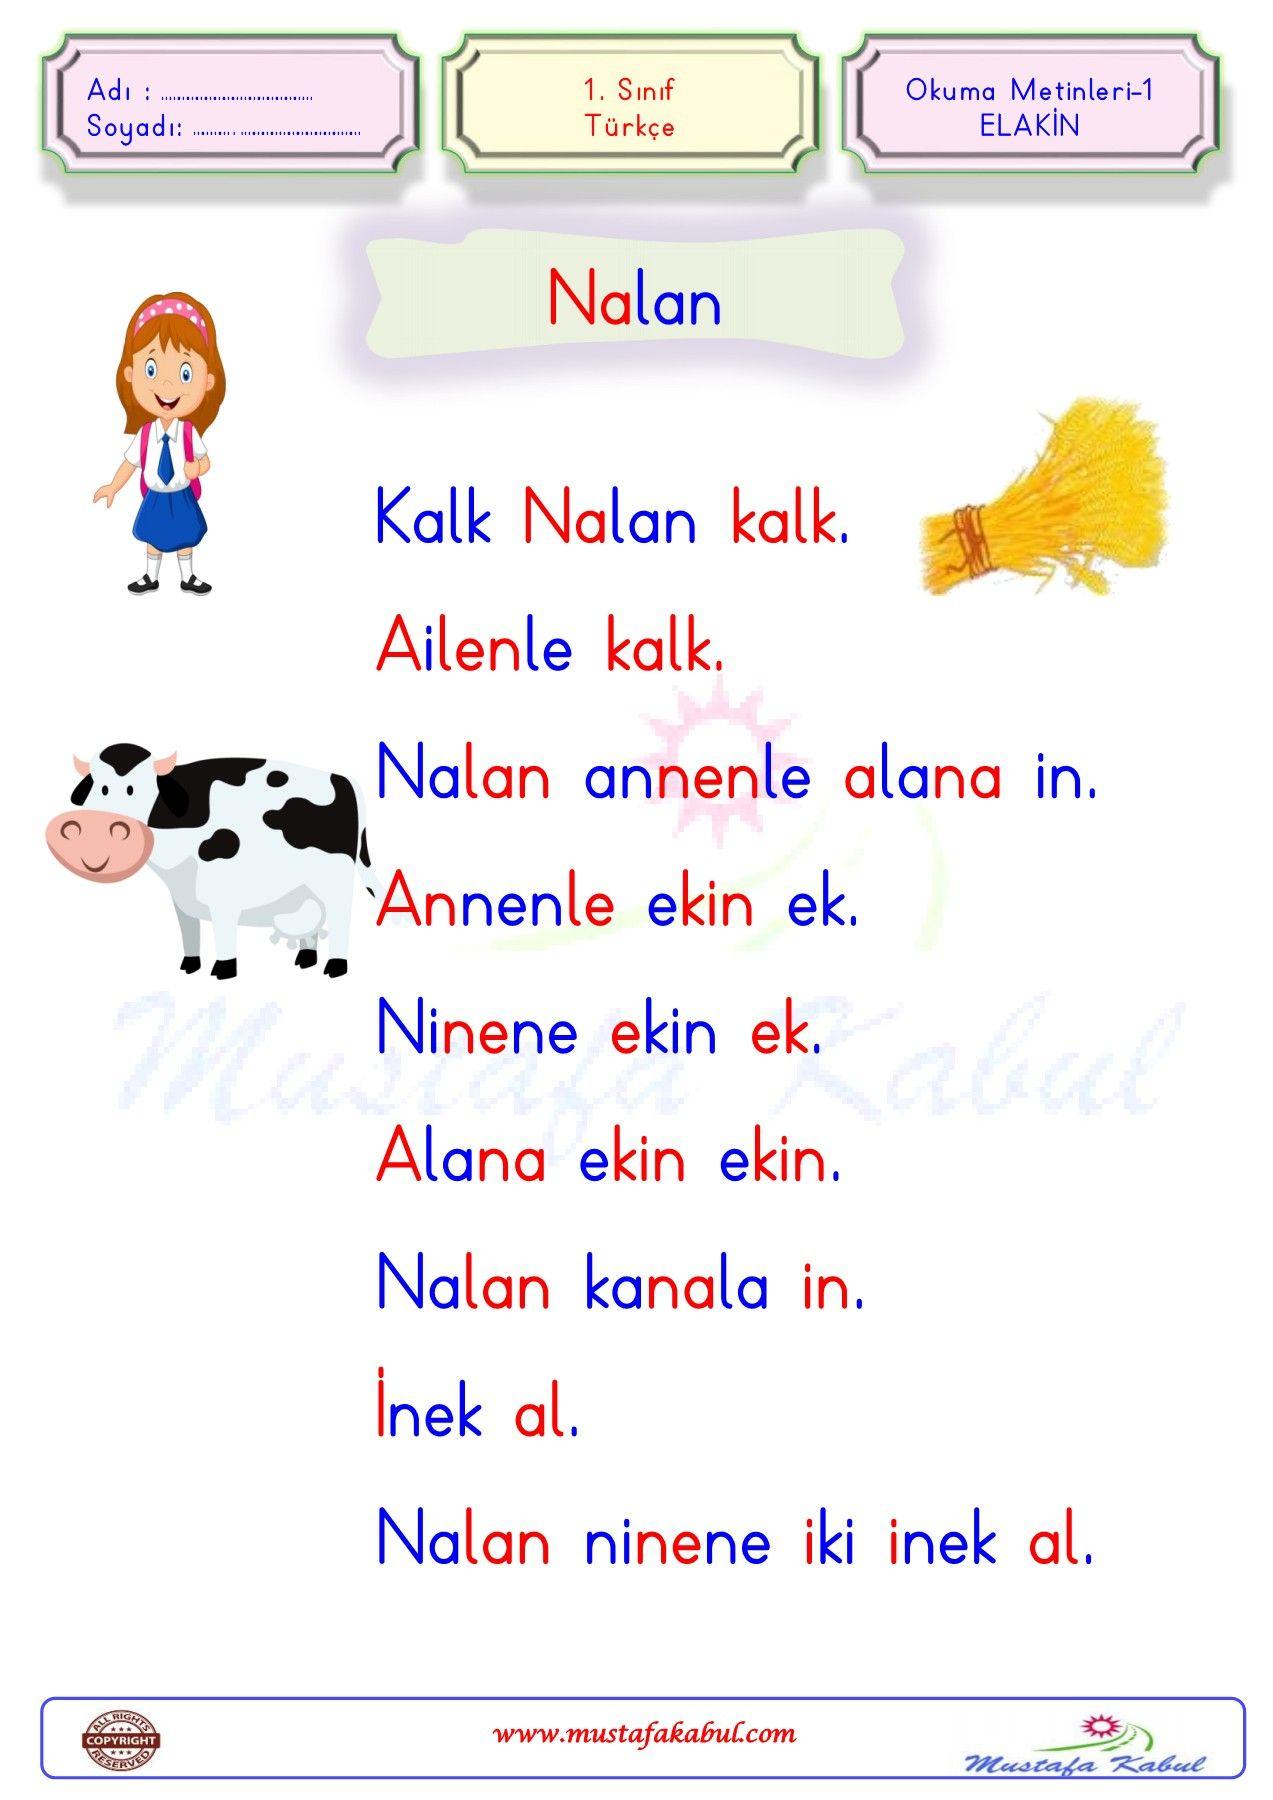 1.Sınıf-Türkçe-Okuma Metinleri-ELAKİN